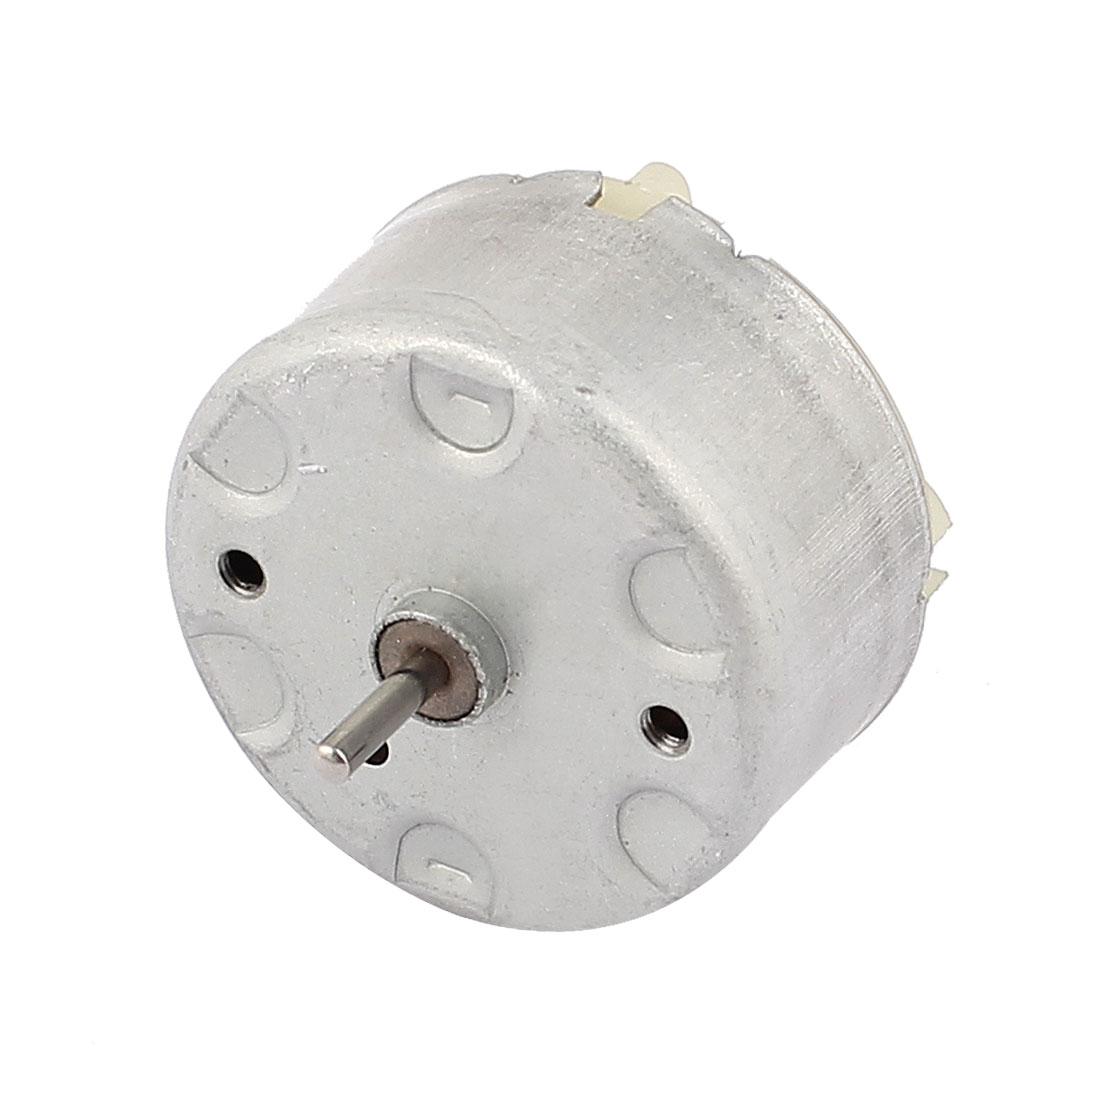 SRF-500 DC 3-12V 11000RPM Electric Mini Motor 18x32mm for CD DVD Player